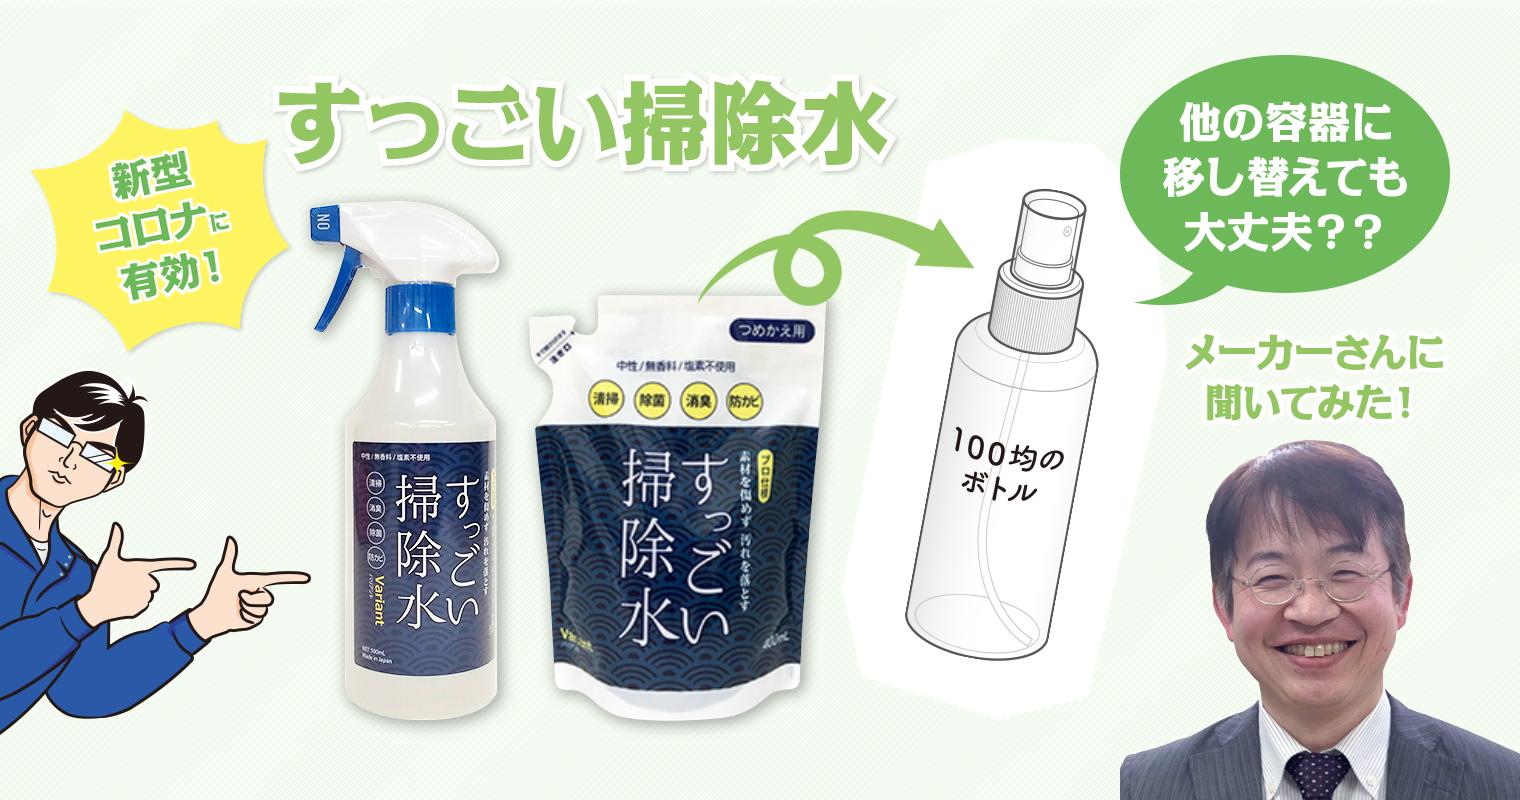 新型コロナに有効!すっごい掃除水は他の容器に移し替えても大丈夫?メーカーさんに聞いてみた!